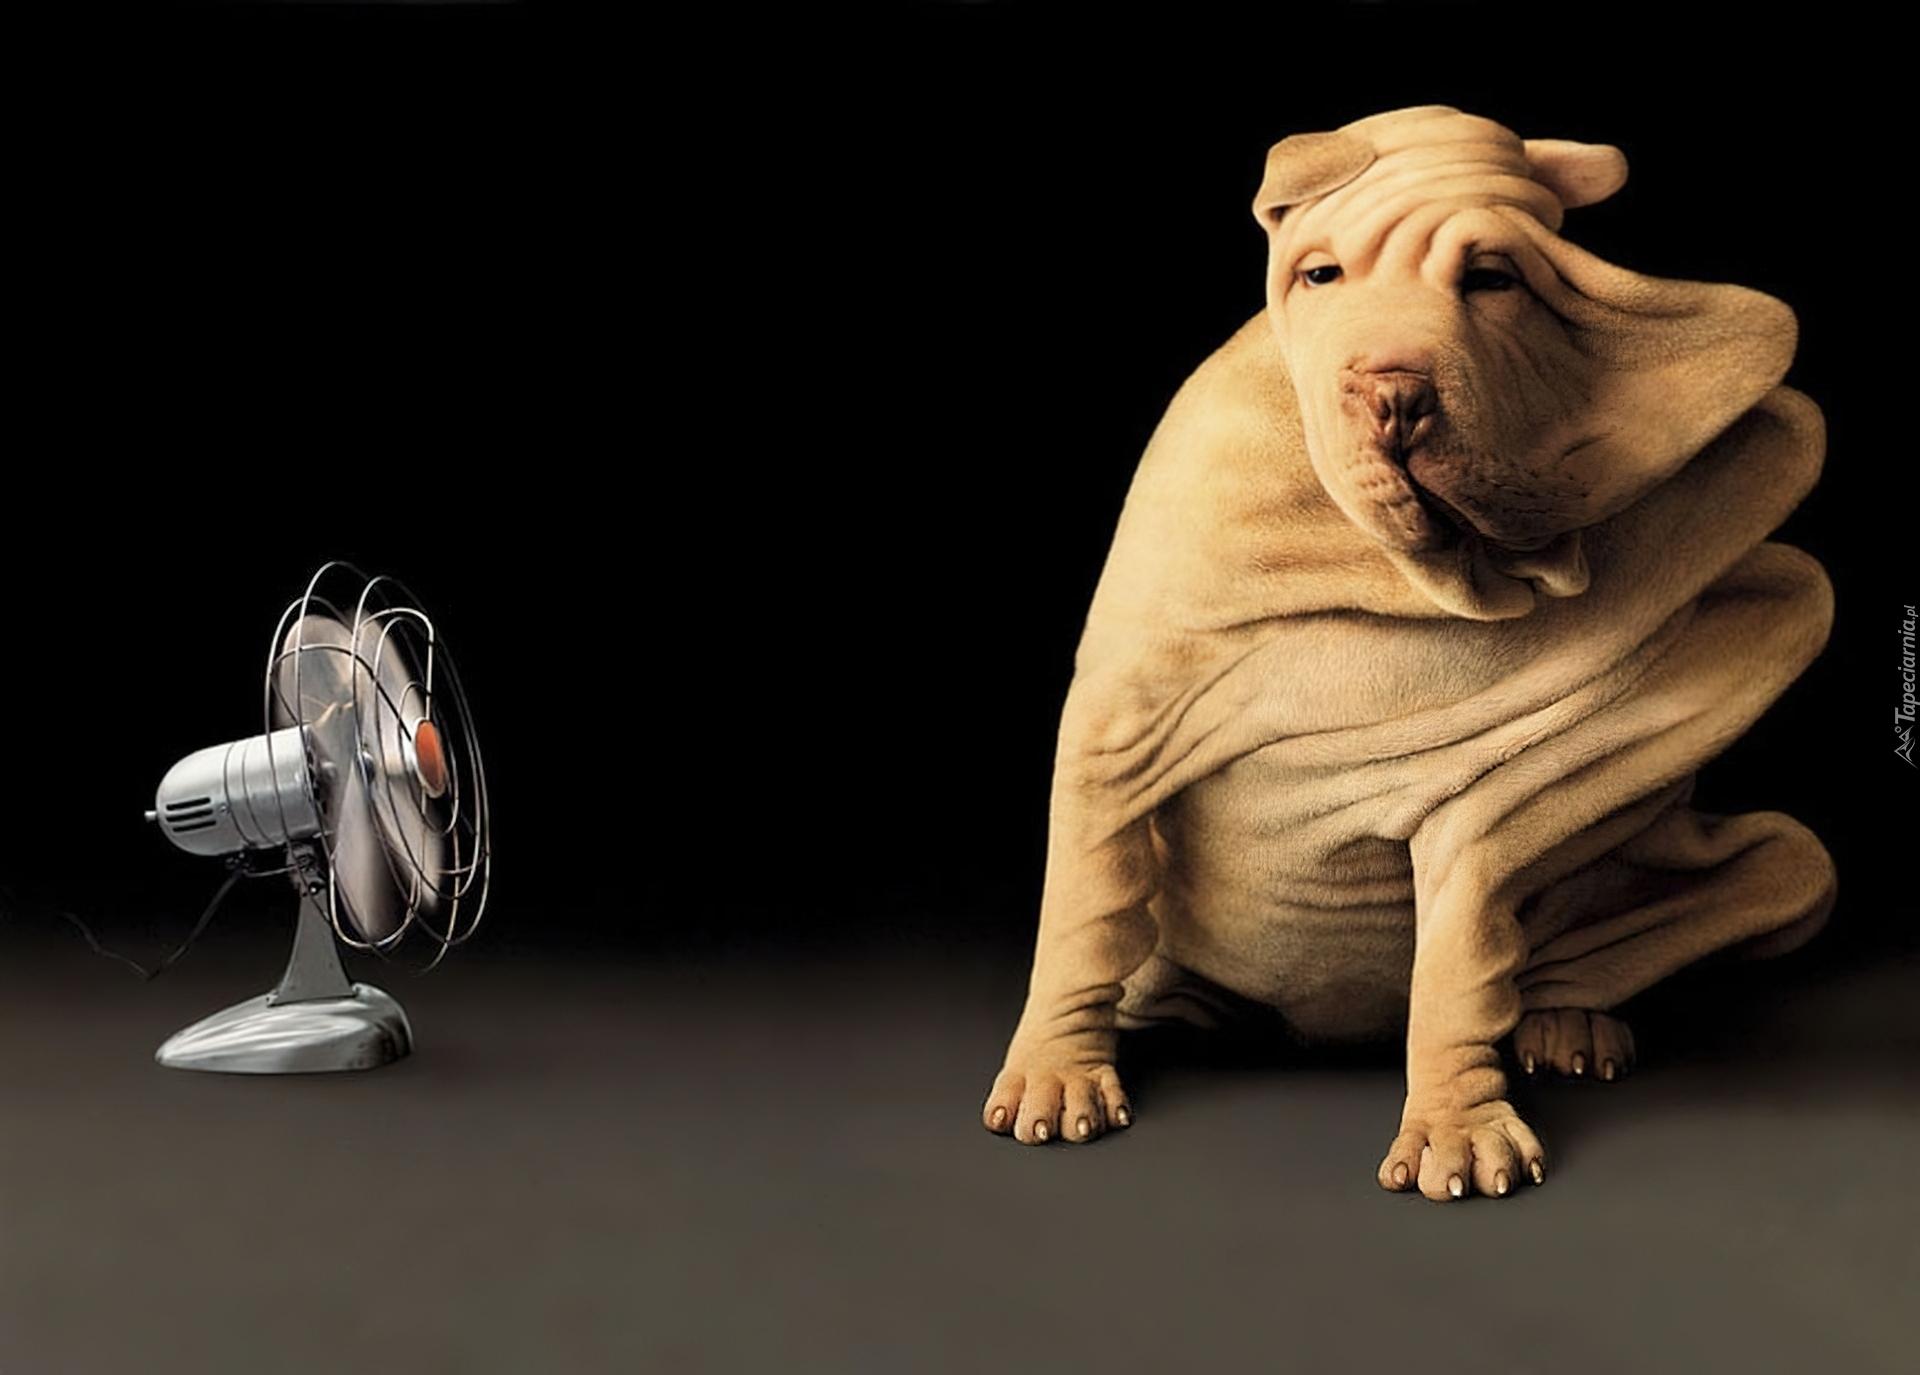 современном интерьере картинка собака с вентилятором удар